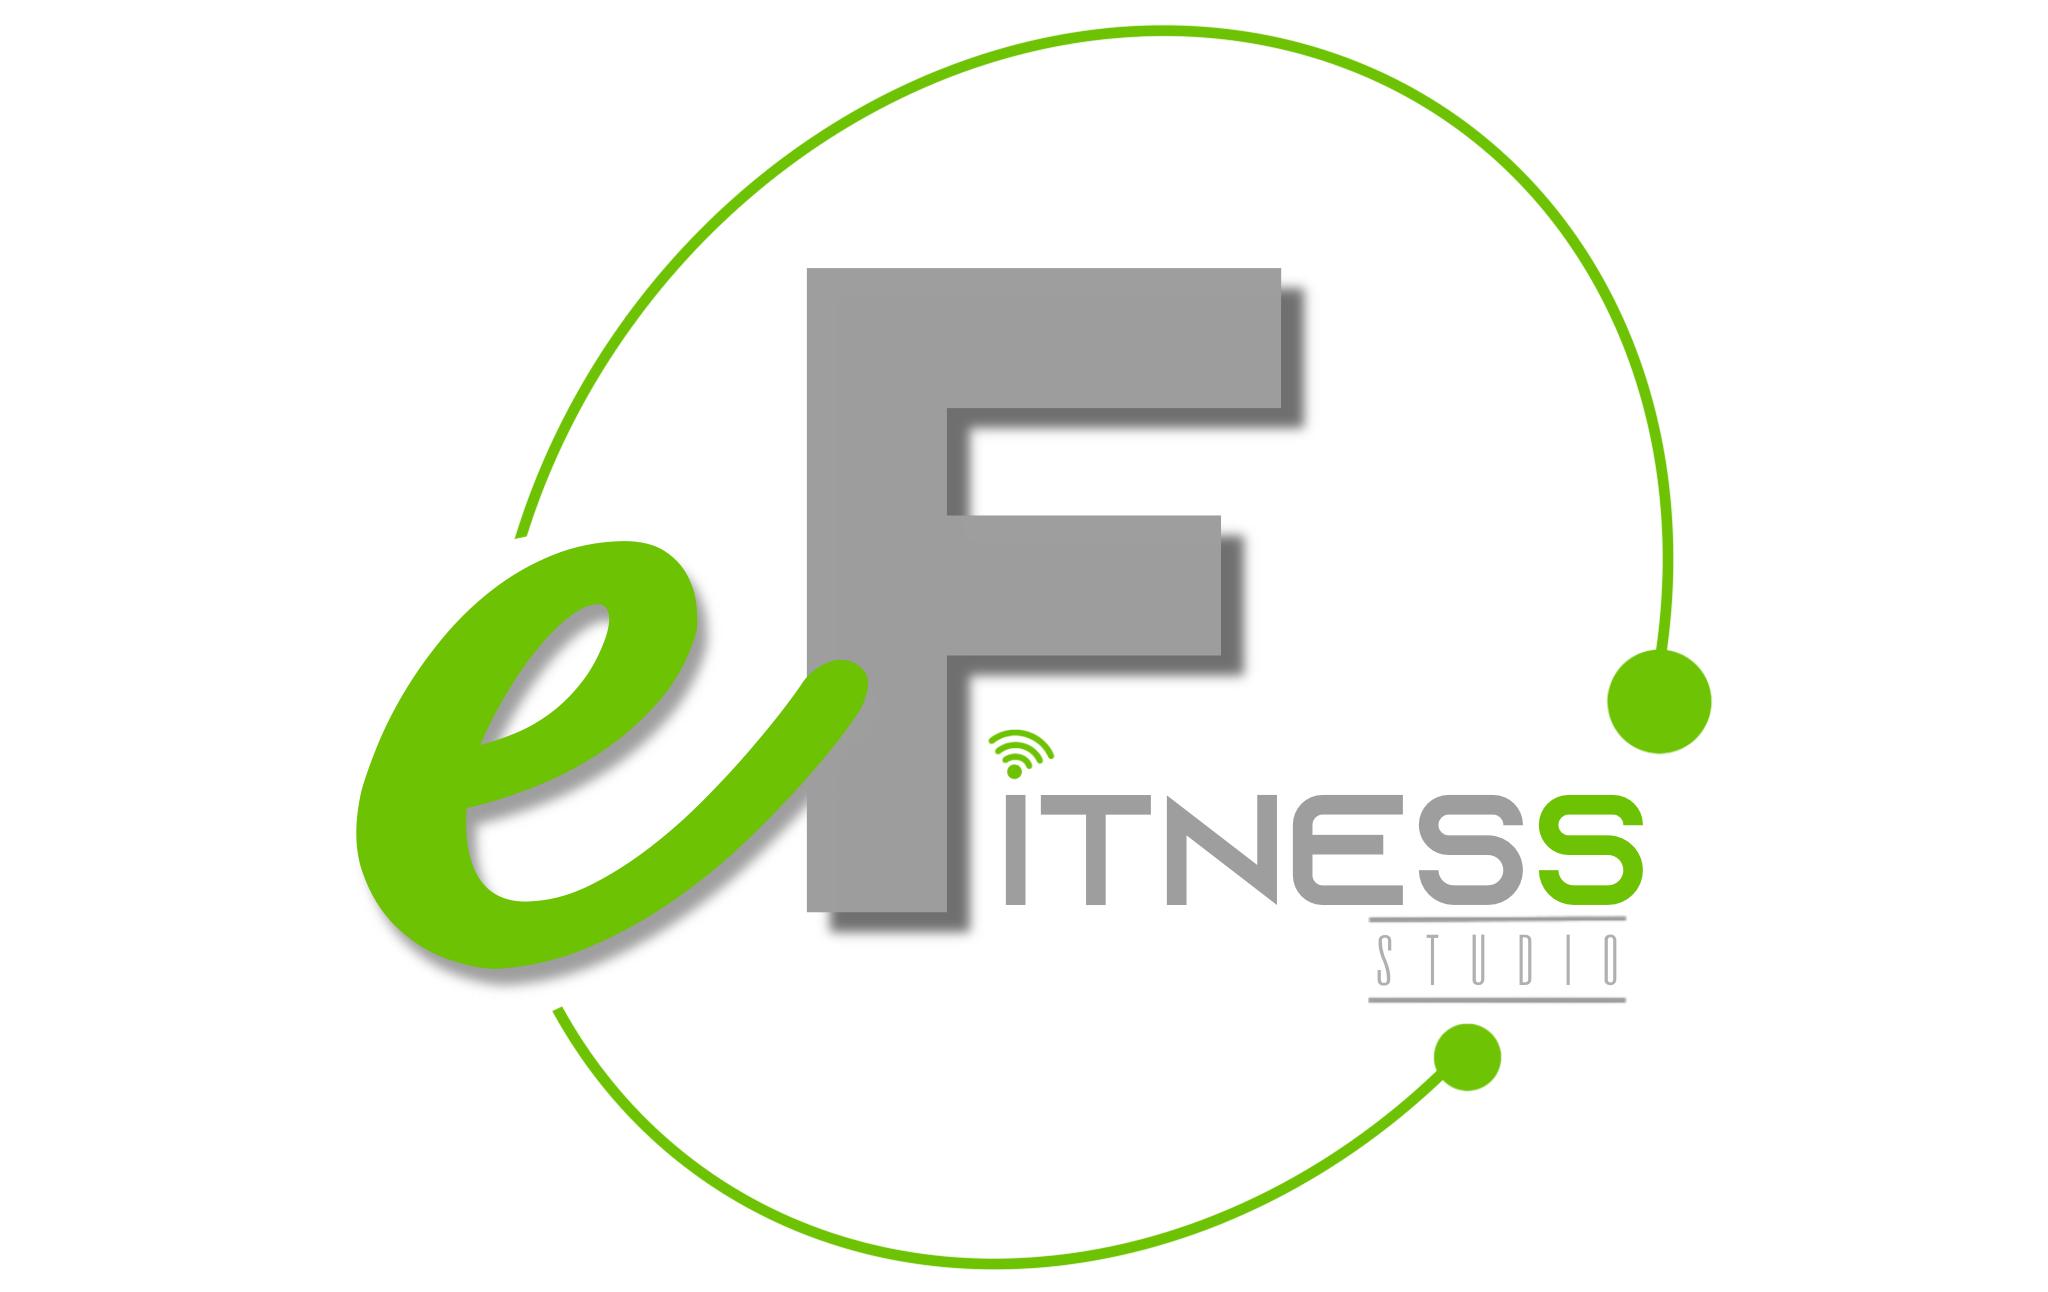 eFitness Studio